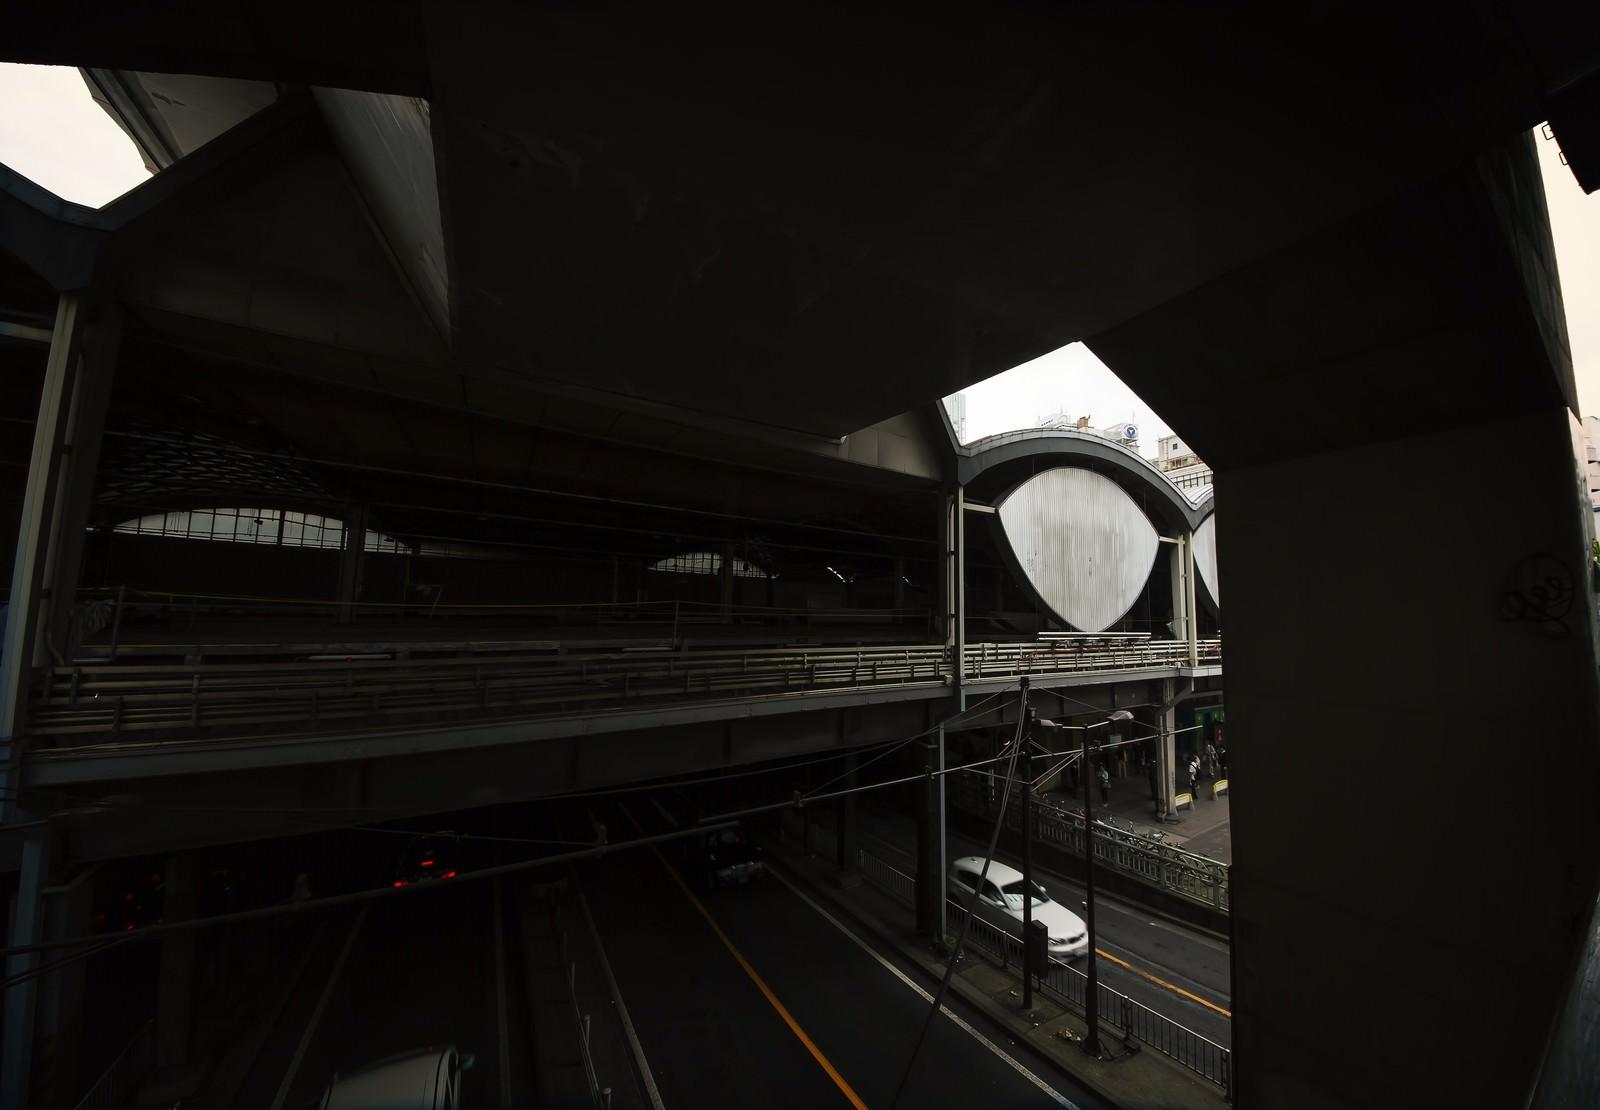 「旧東横線渋谷駅」の写真